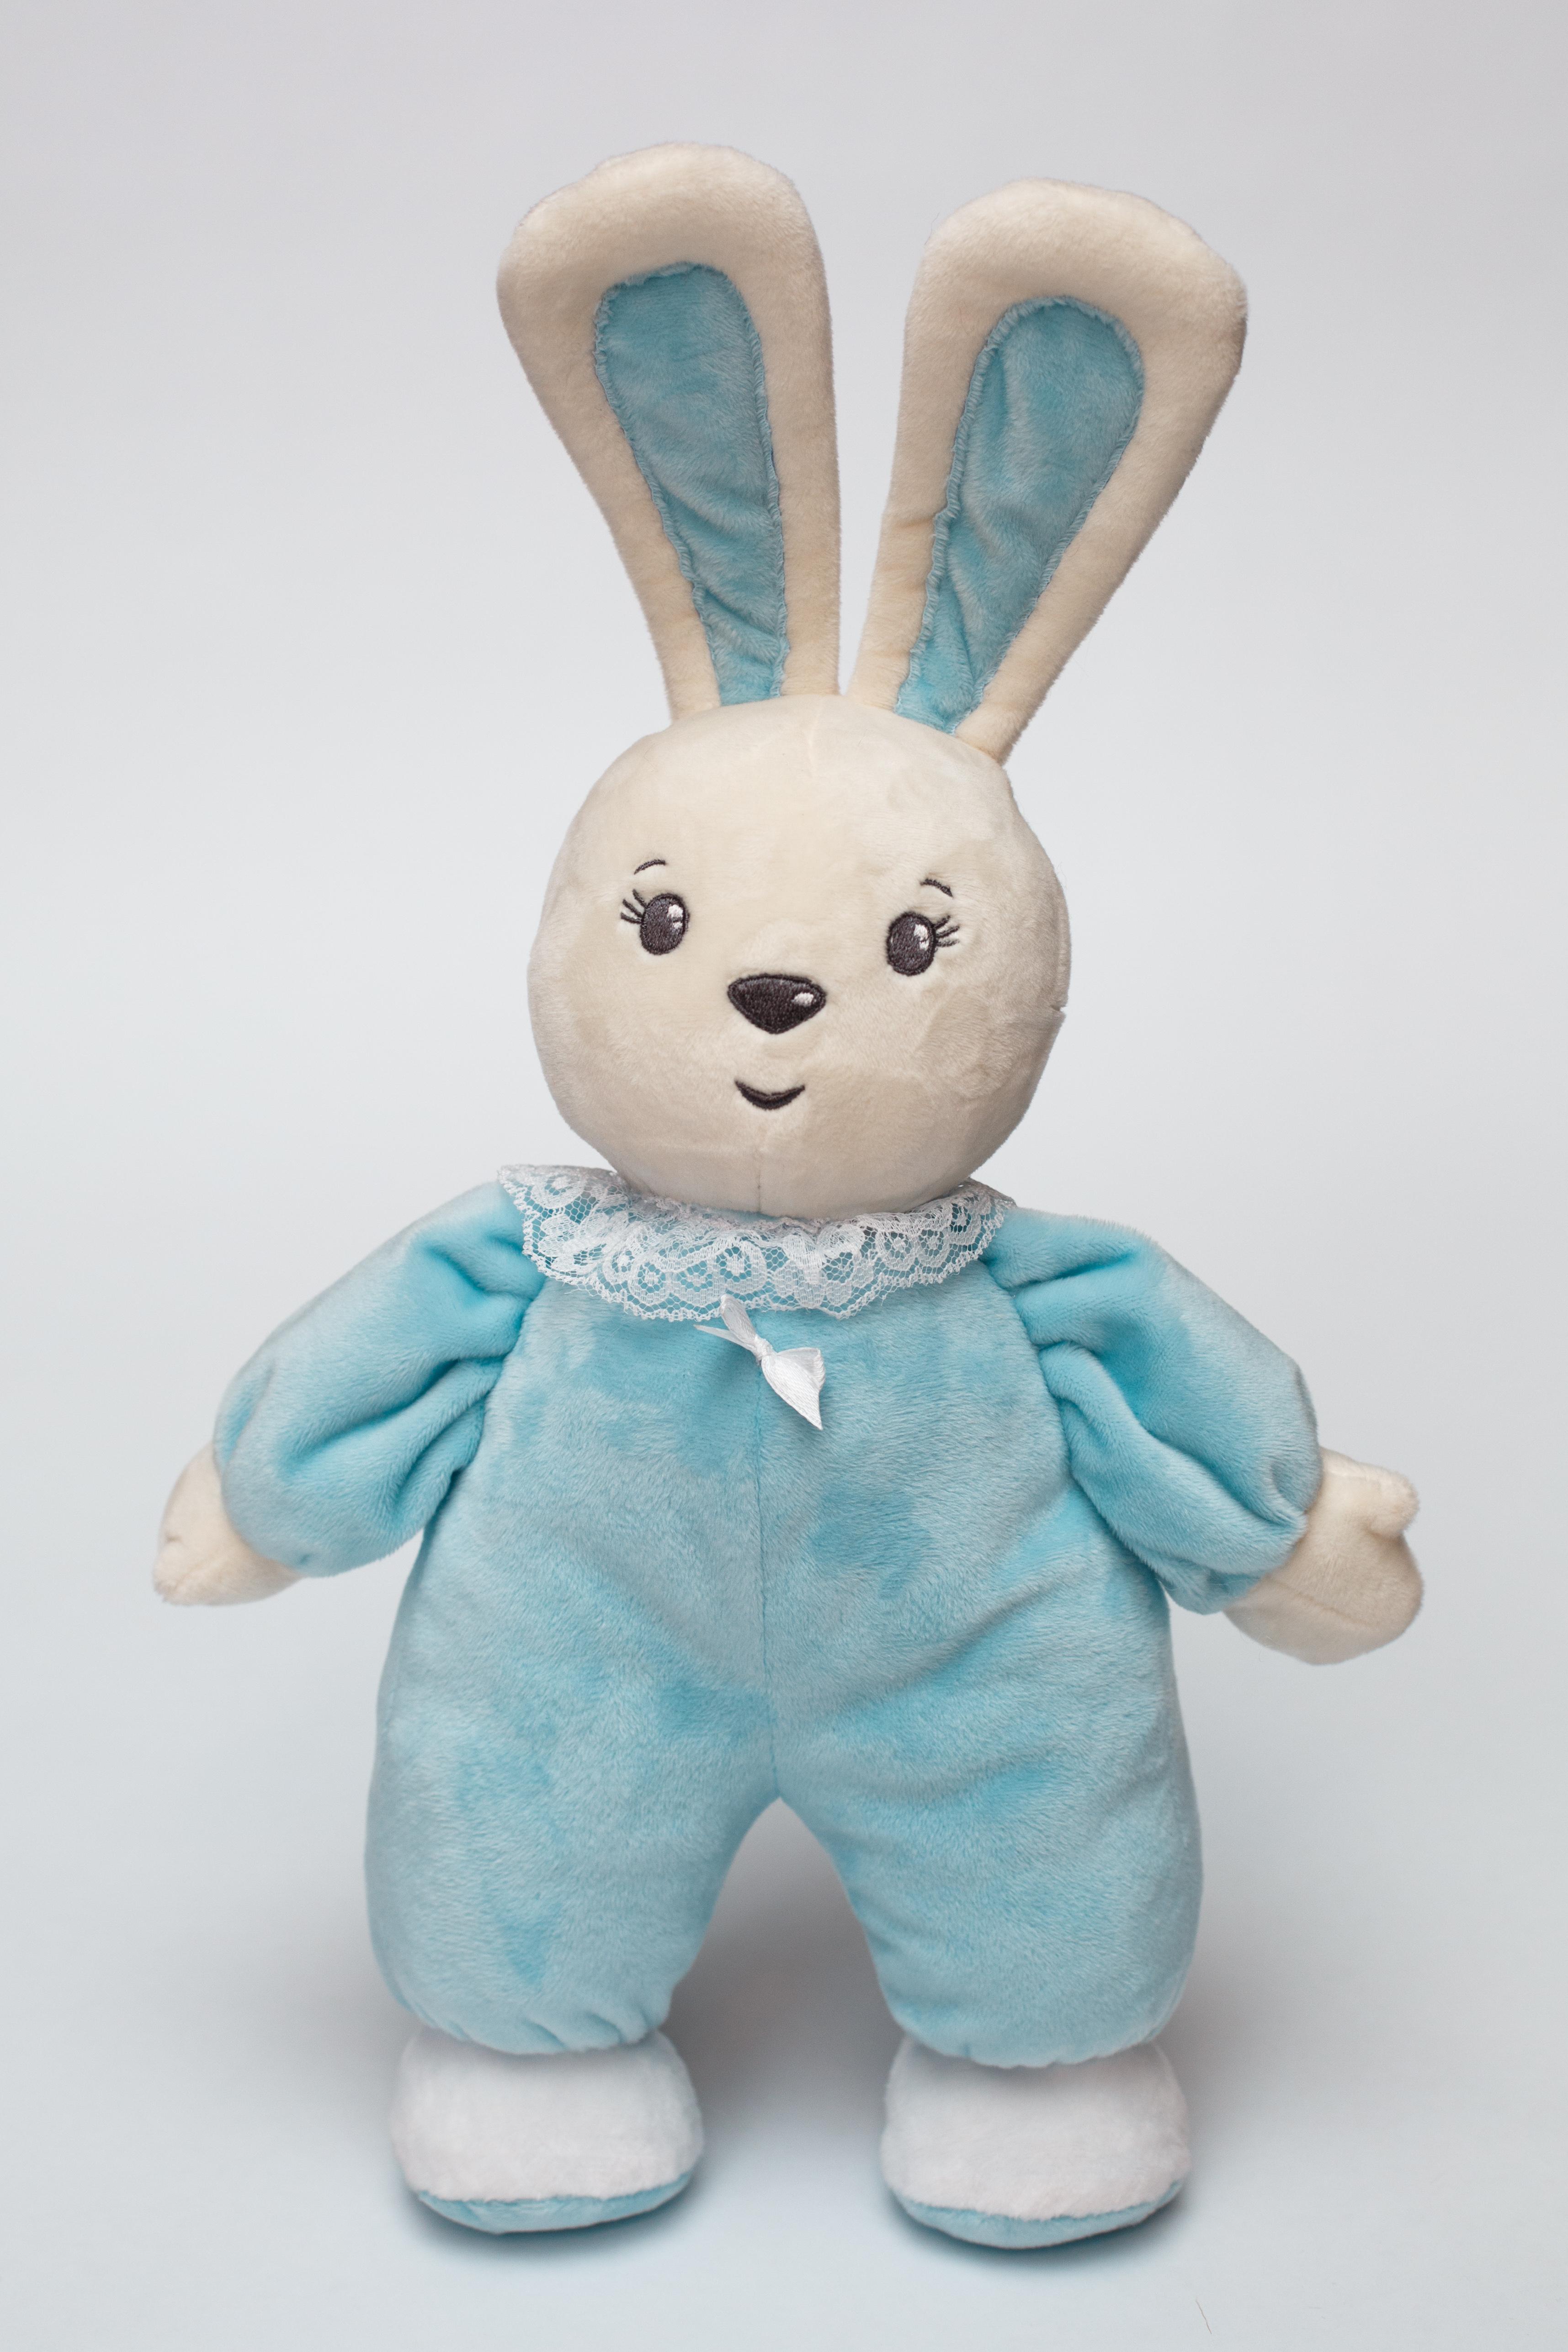 Мягкая игрушка Princess Love Зайчик-погремушка Малыш голубой голубой